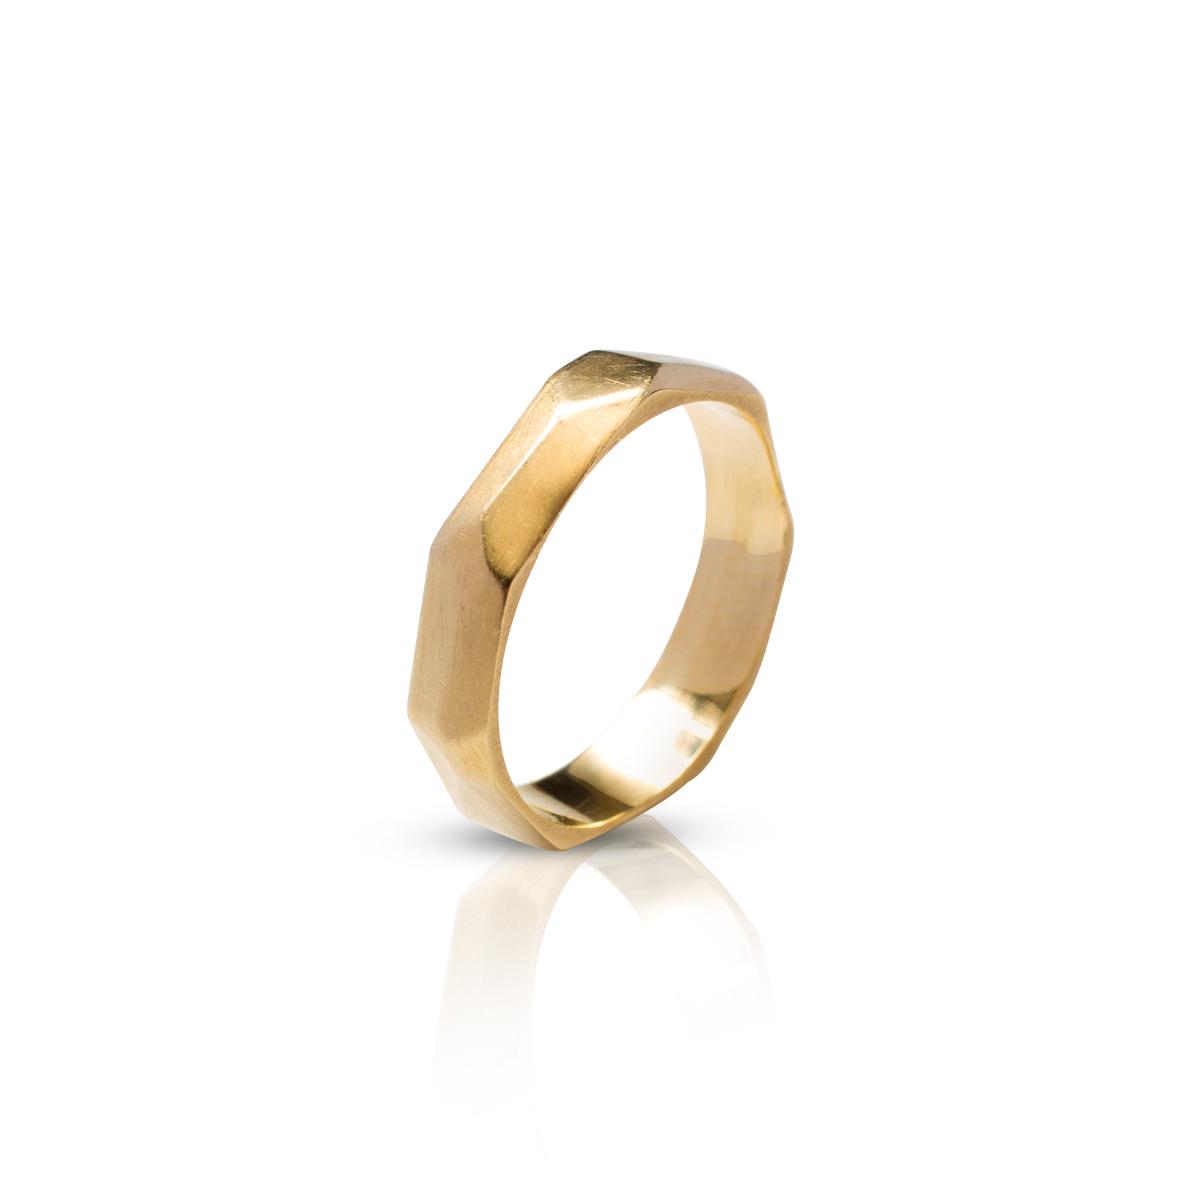 An asymmetric handmade gold band